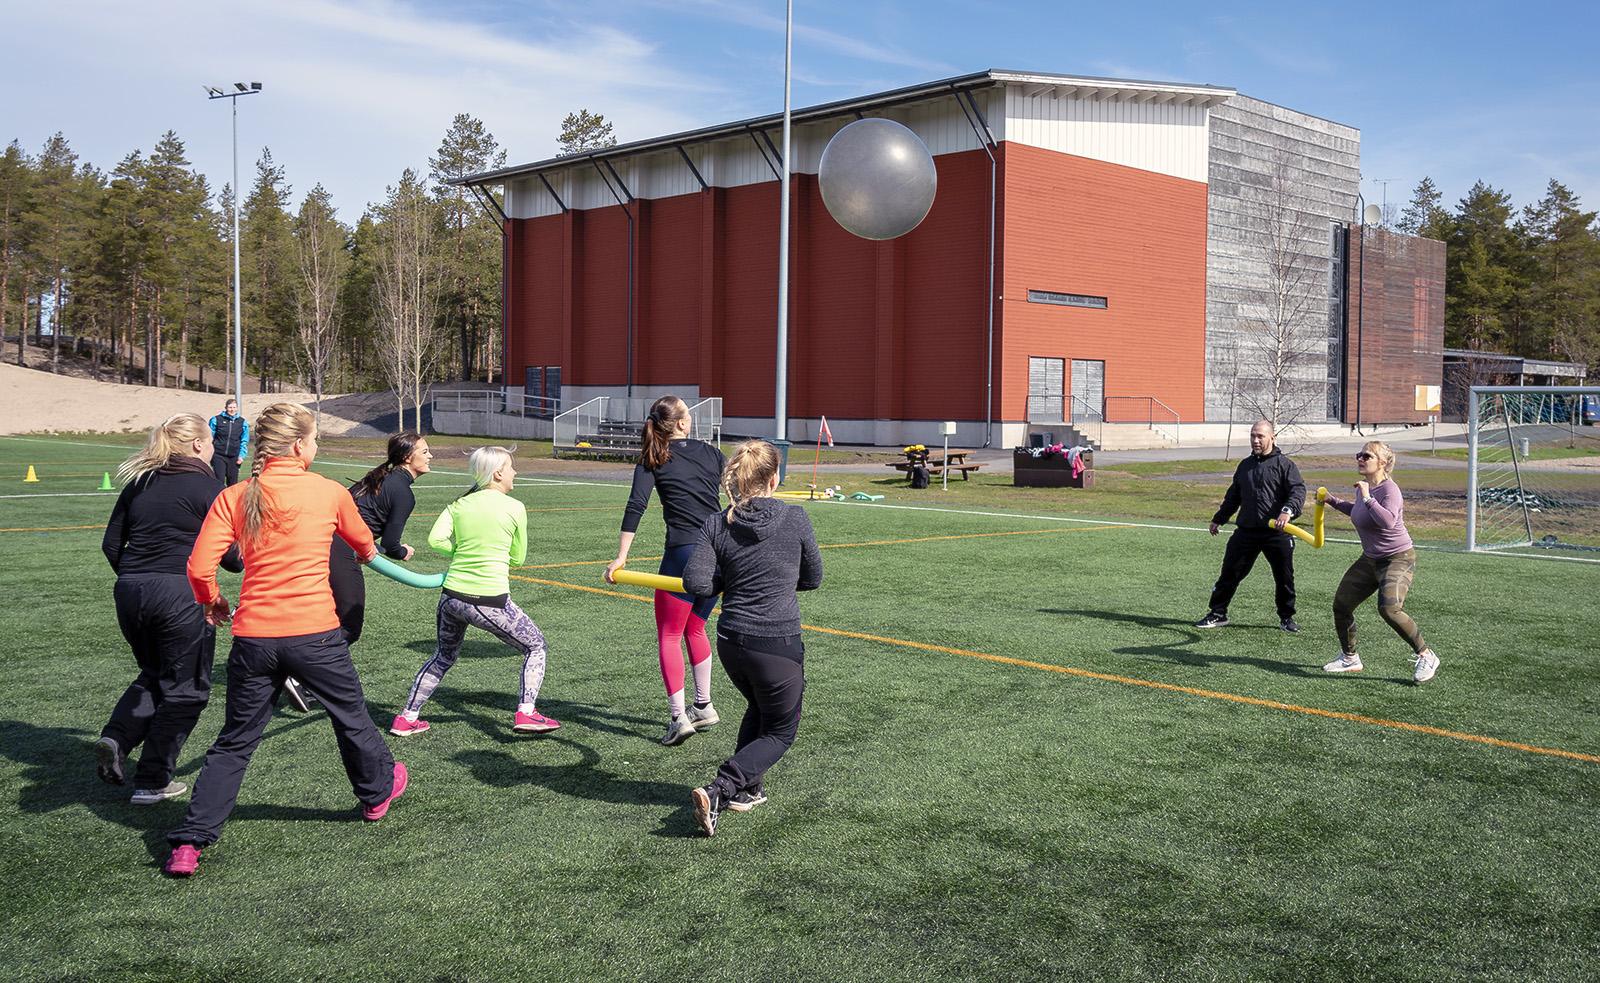 Henkilöt pelaavat palloa tekonurmikentällä auringonpaisteessa. Takana näkyy liikuntahalli ja mäntymetsä.